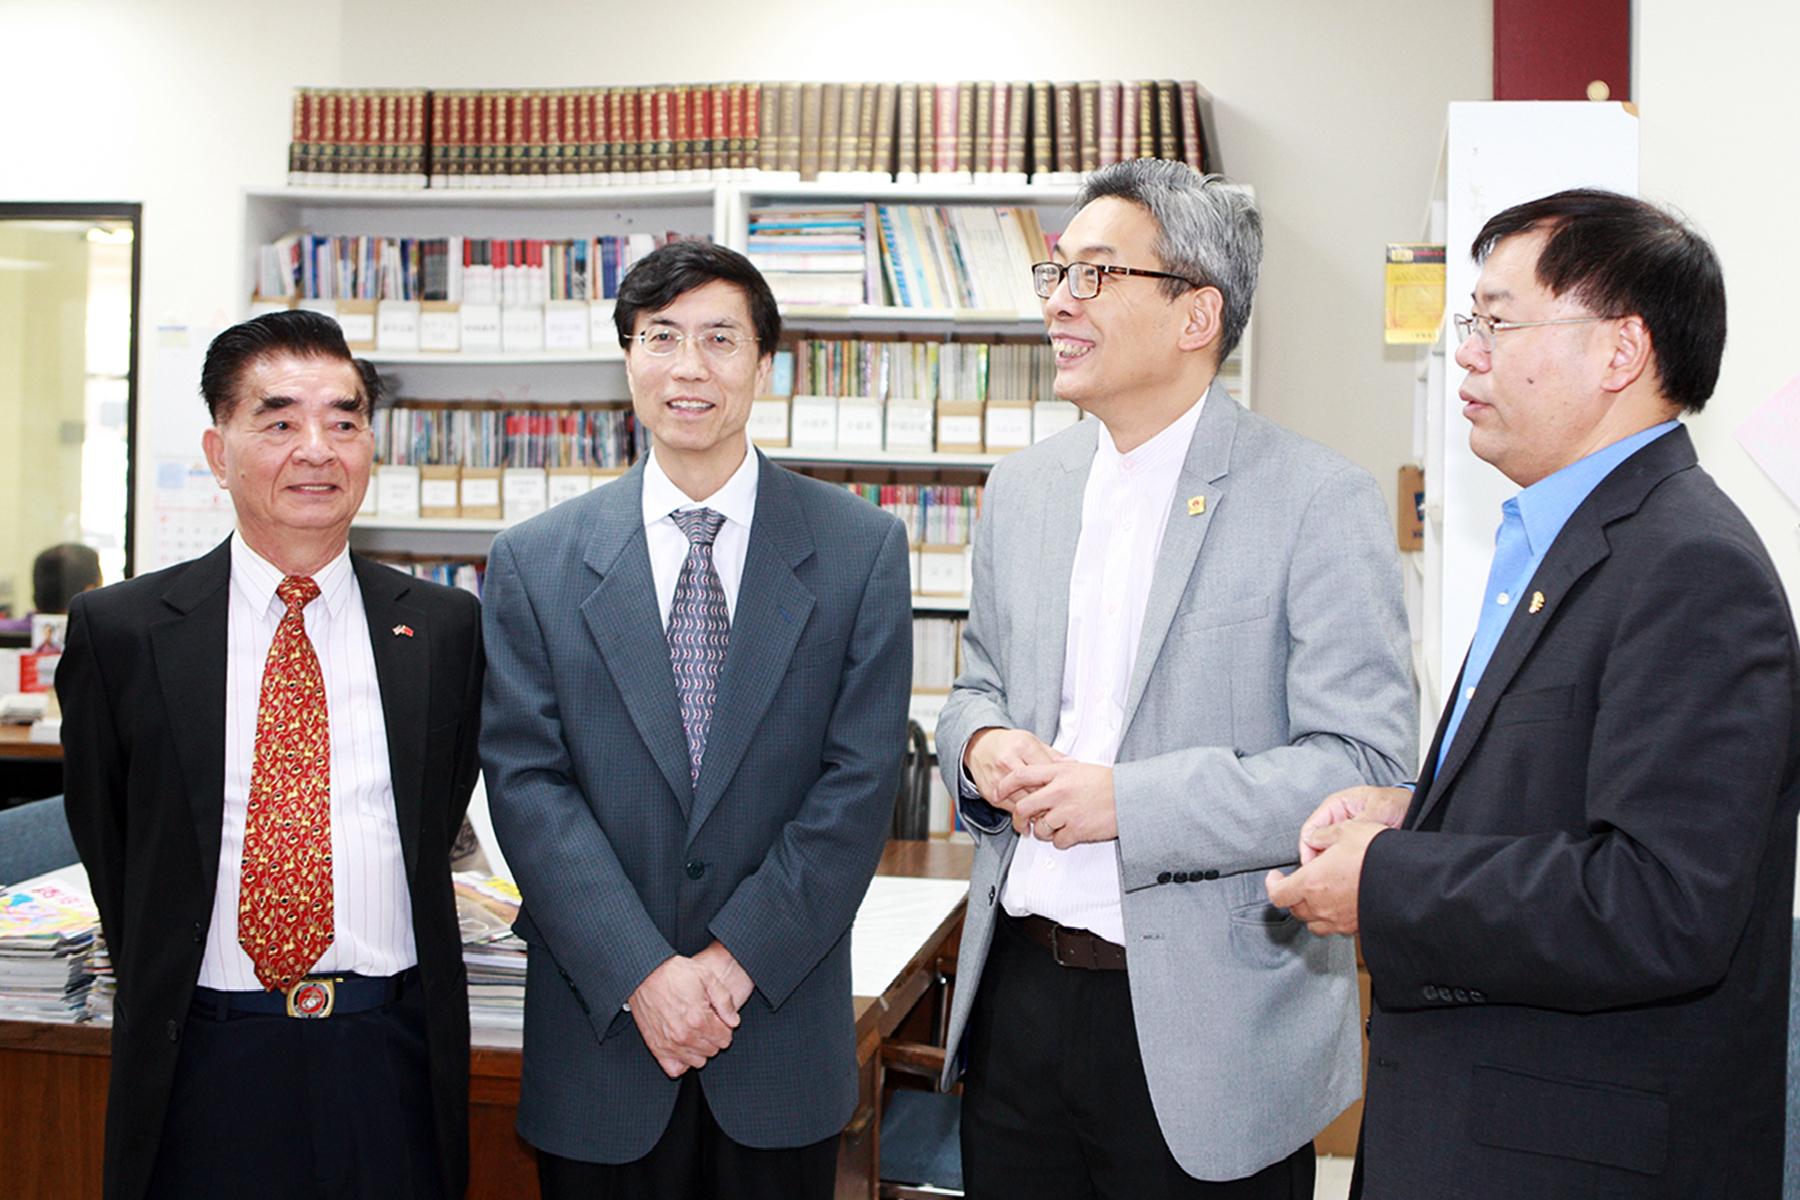 蔡偉(右二)聽取範玉新對中國人活動中心圖書館的介紹。(記者賈忠/攝影)